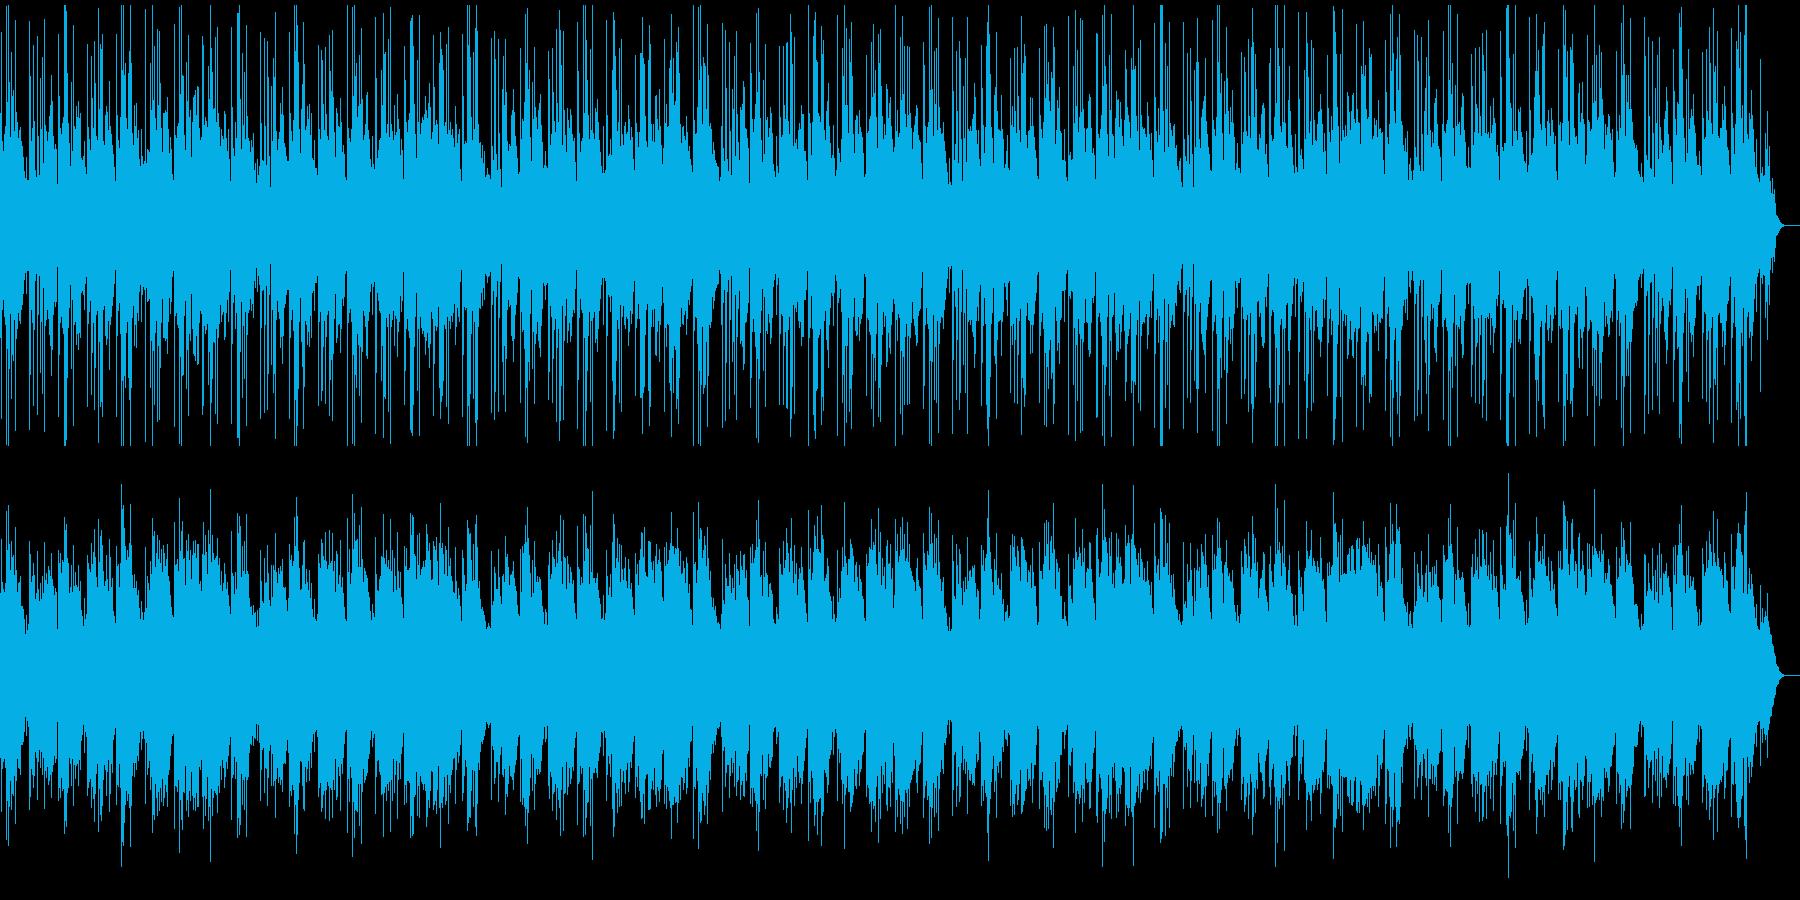 華やかで心地よいピアノメロディーの再生済みの波形